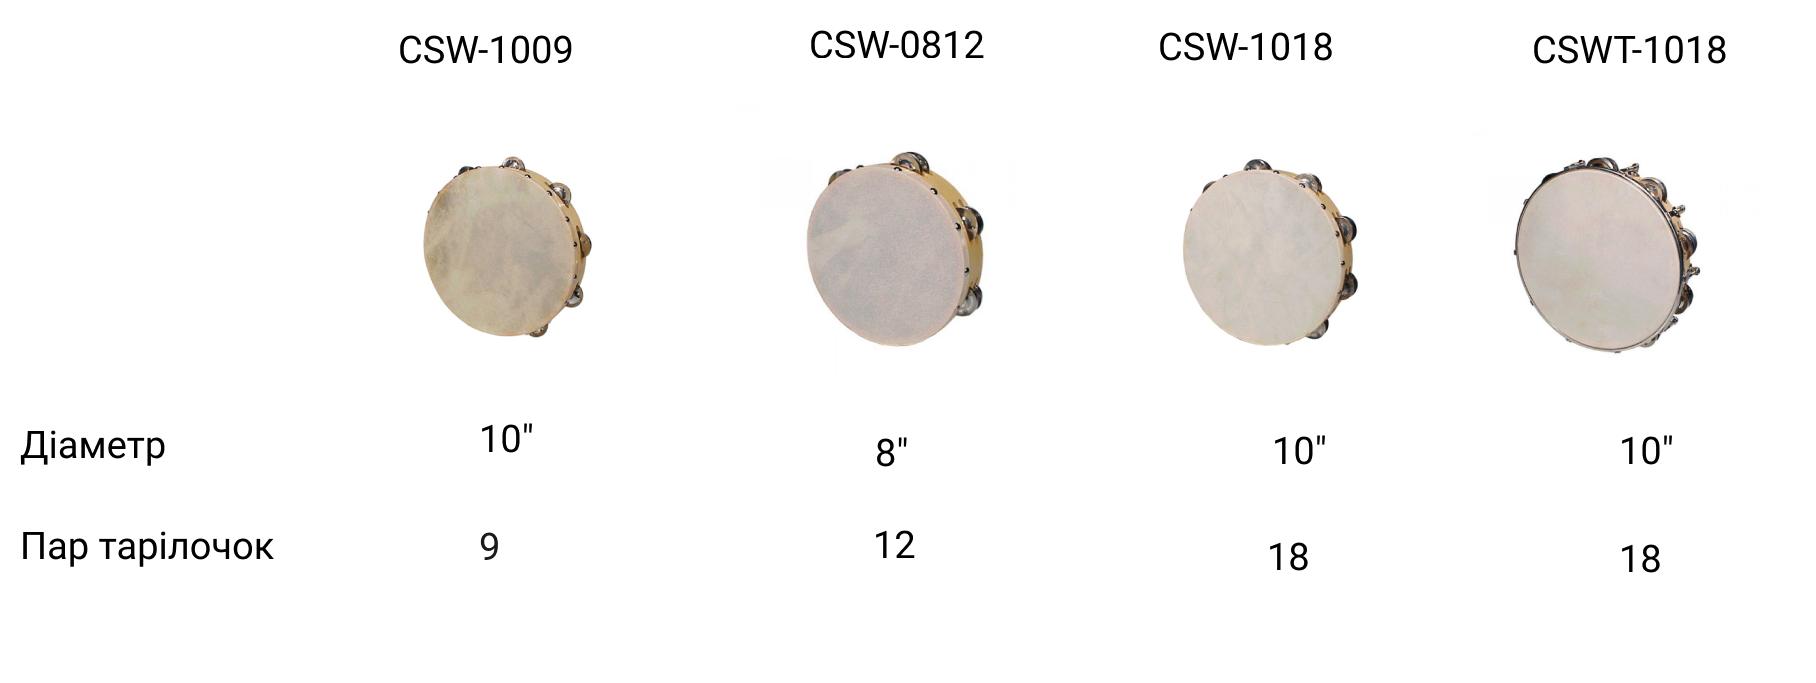 Hayman CSW  CSWT